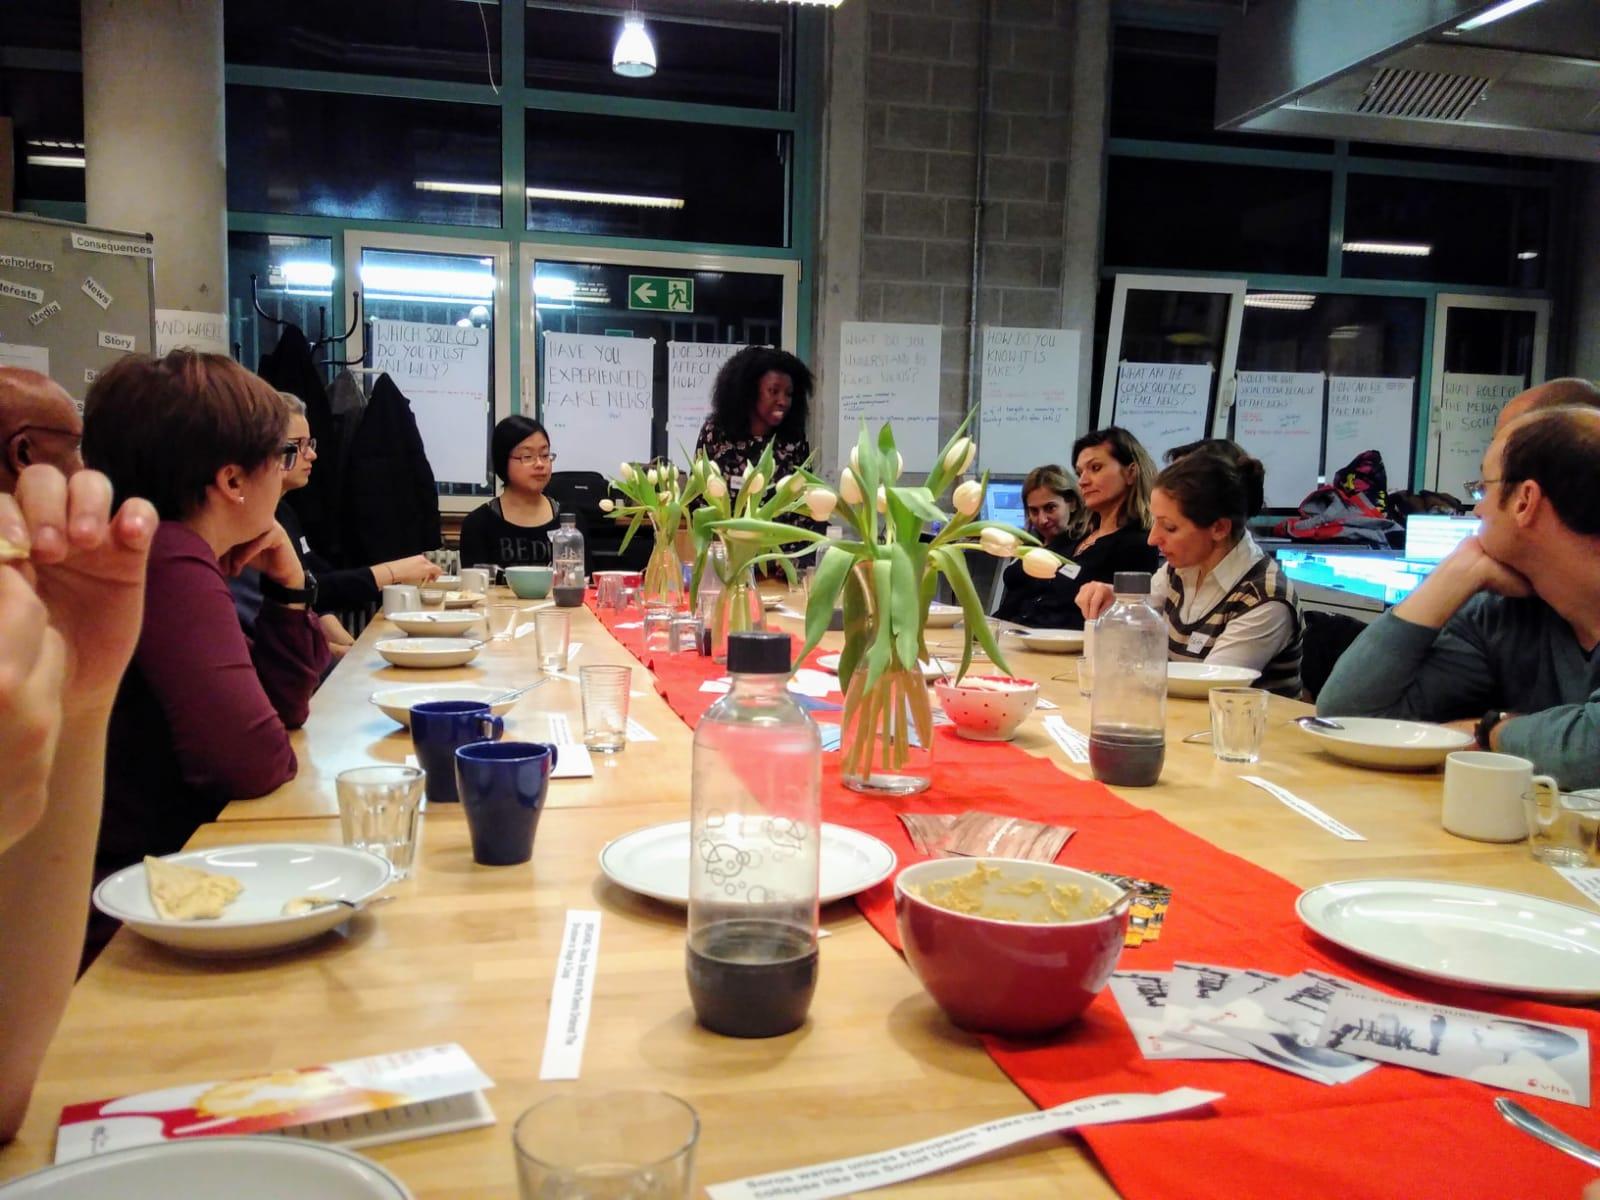 Gemeinsames Essen und Diskutieren